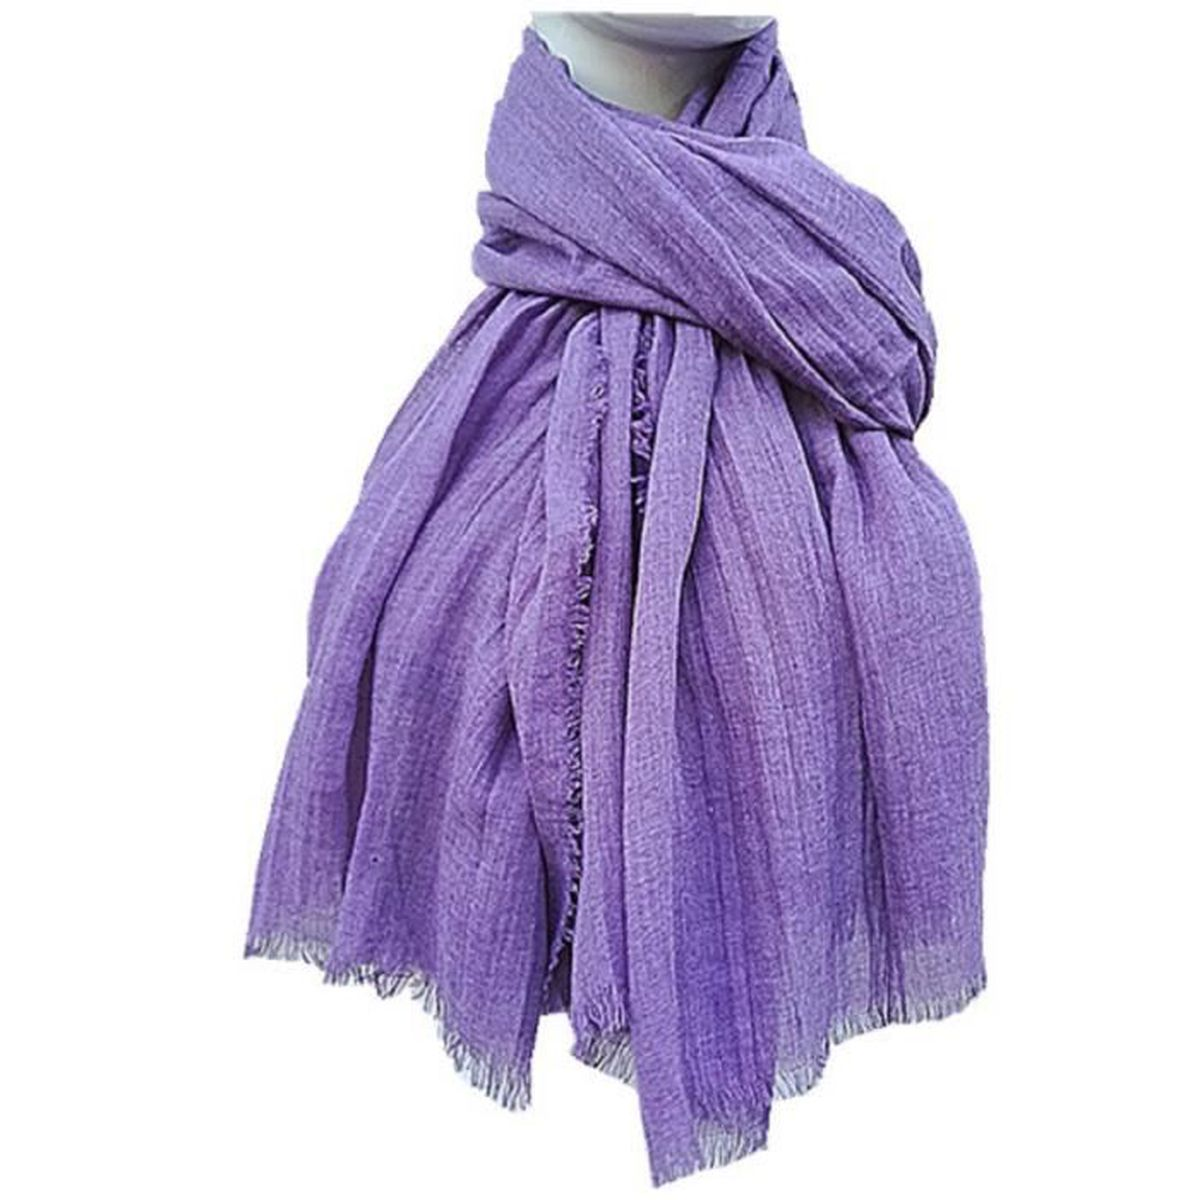 charpe foulard ch le femme fille tole grand poncho cape mode 241126 mauve mauve achat. Black Bedroom Furniture Sets. Home Design Ideas